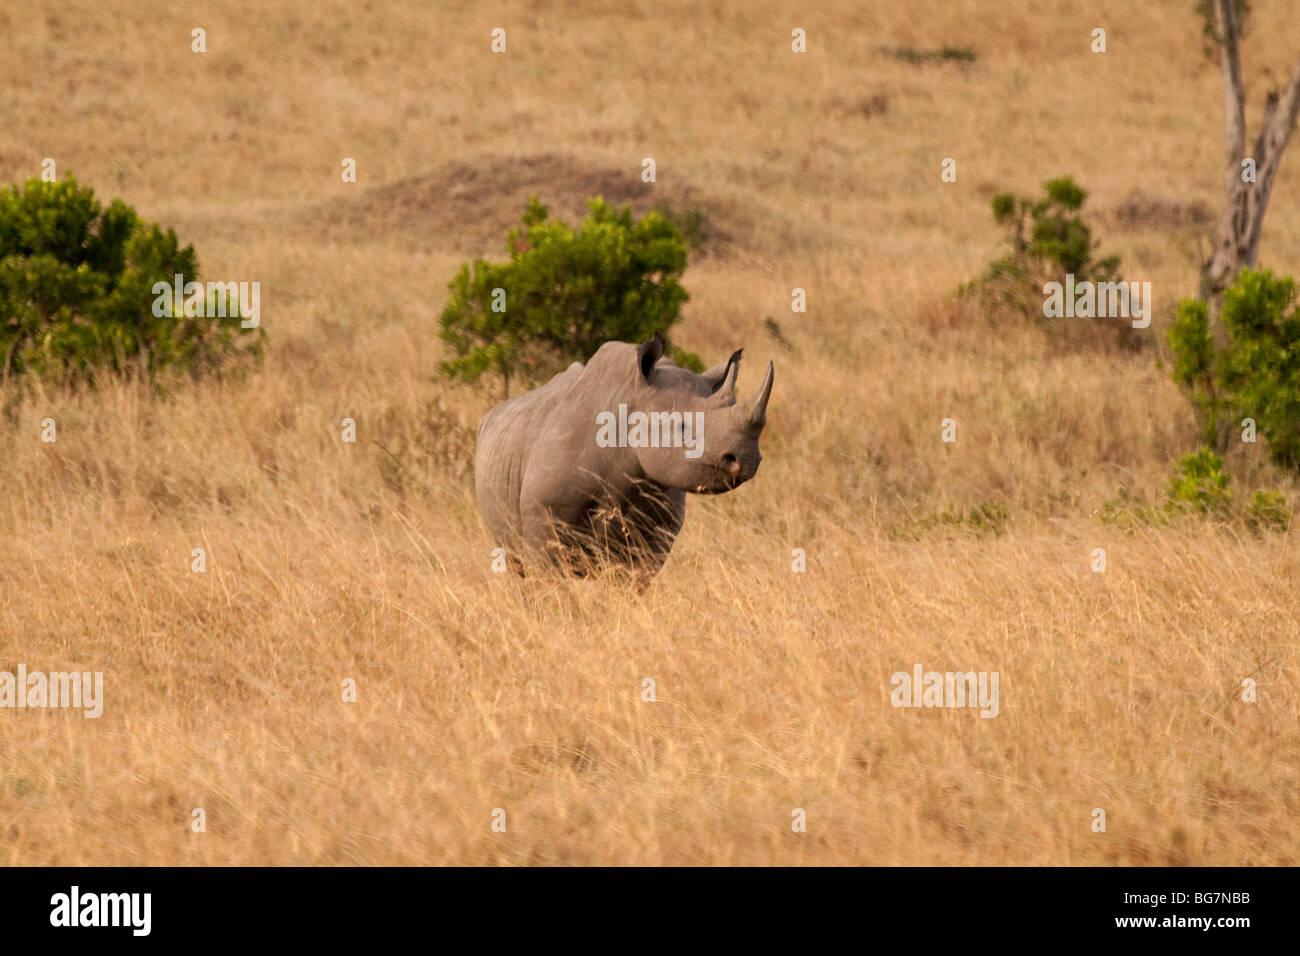 Single Horned Rhinoceros King